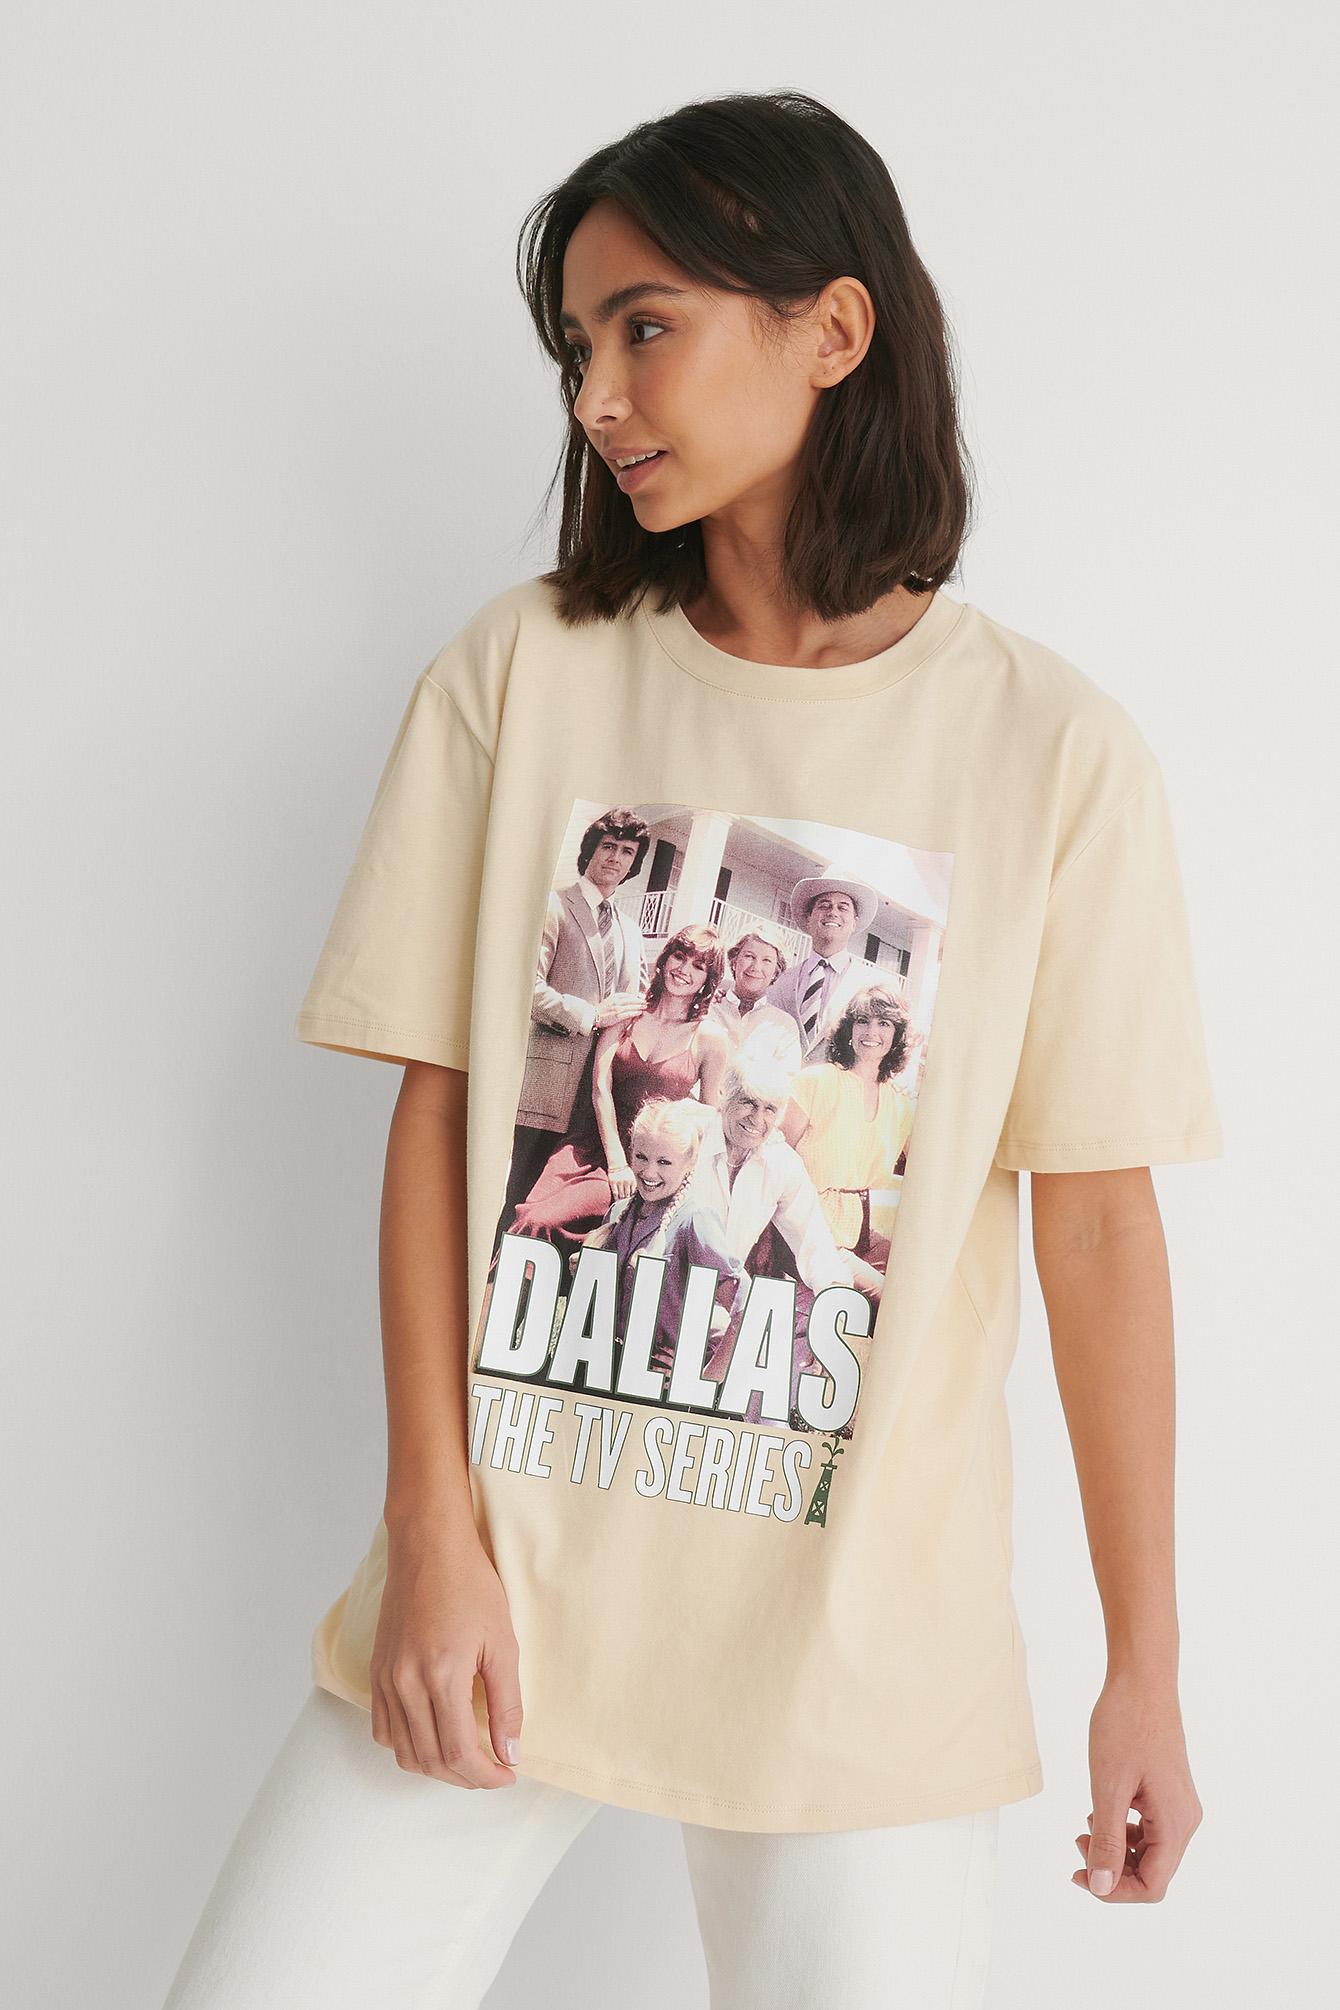 Warner Bros. Unisex T-Shirt - Beige